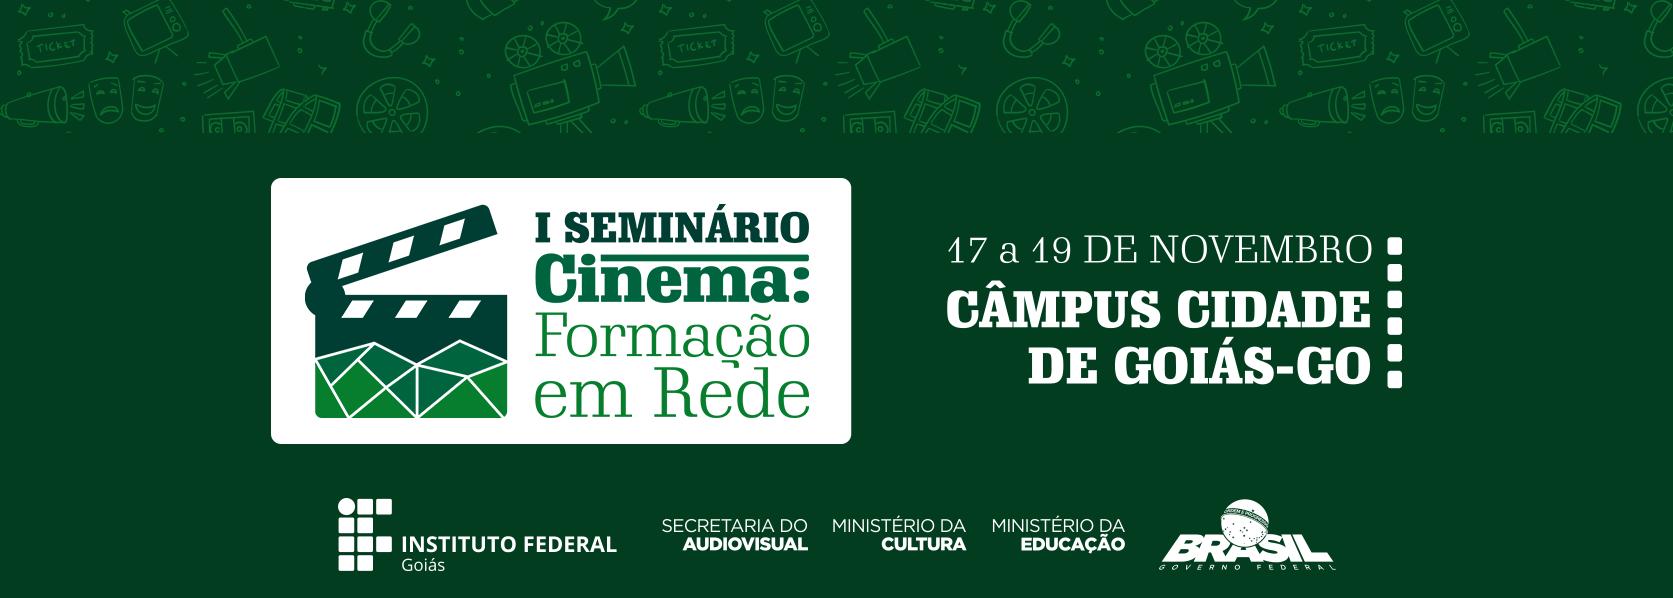 """I Seminário """"Cinema: Formação em Rede"""" – Câmpus Cidade de Goiás"""